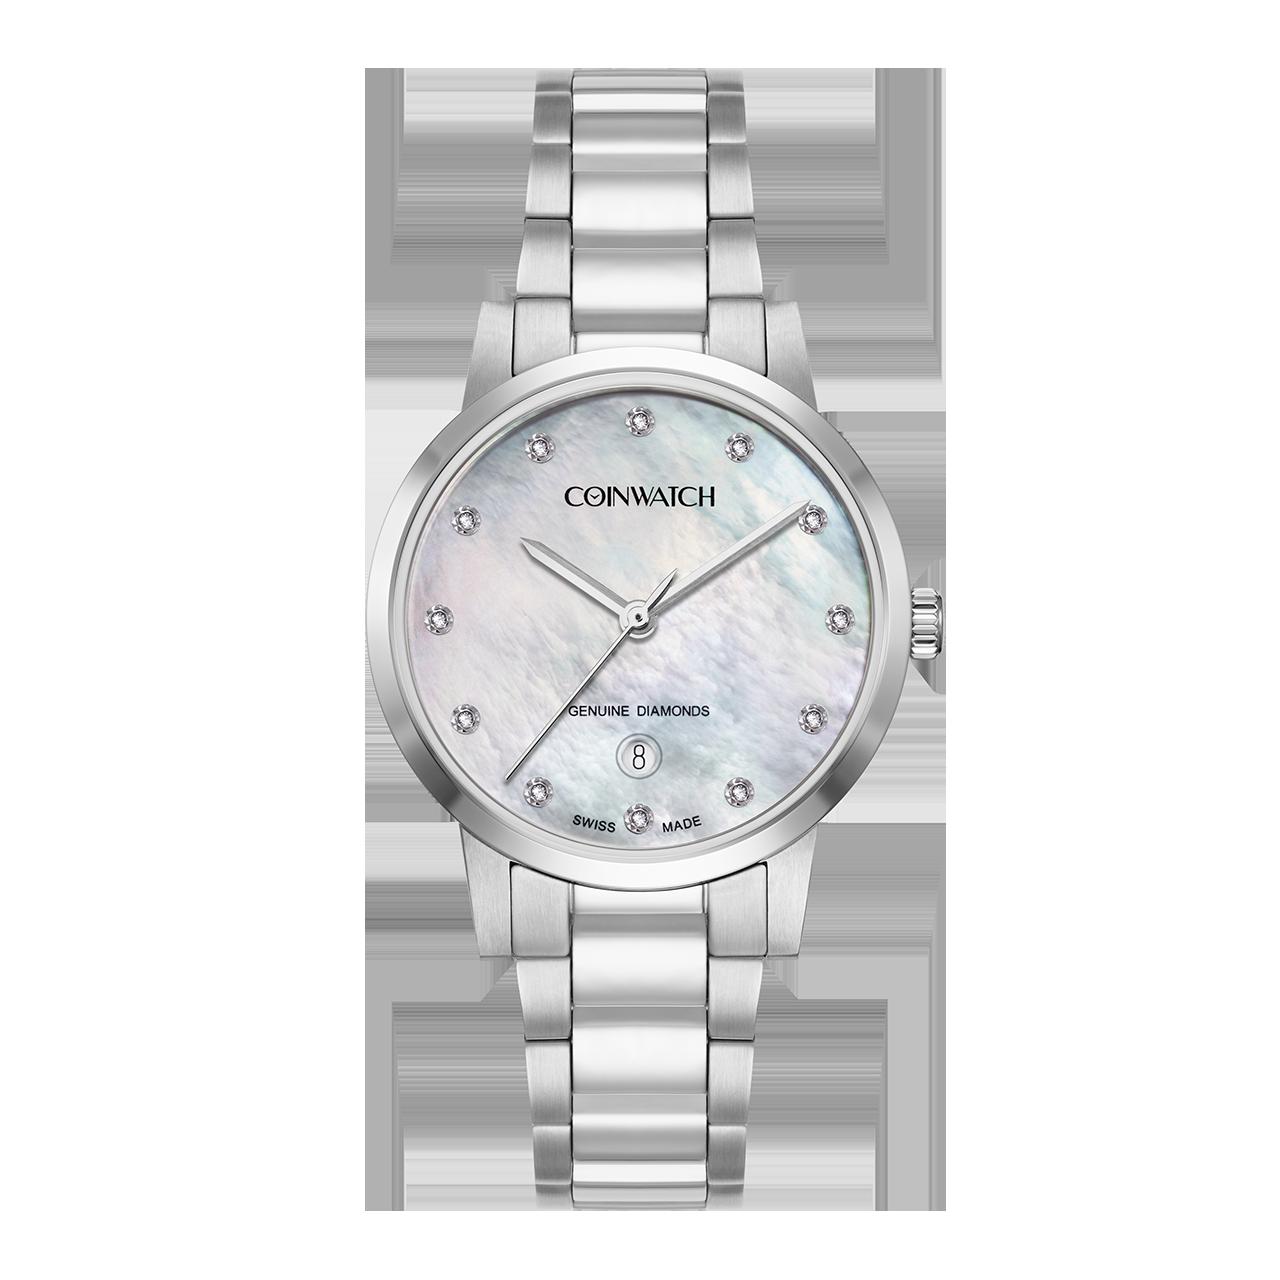 ساعت مچی عقربه ای زنانه کوین واچ مدل C180SWH